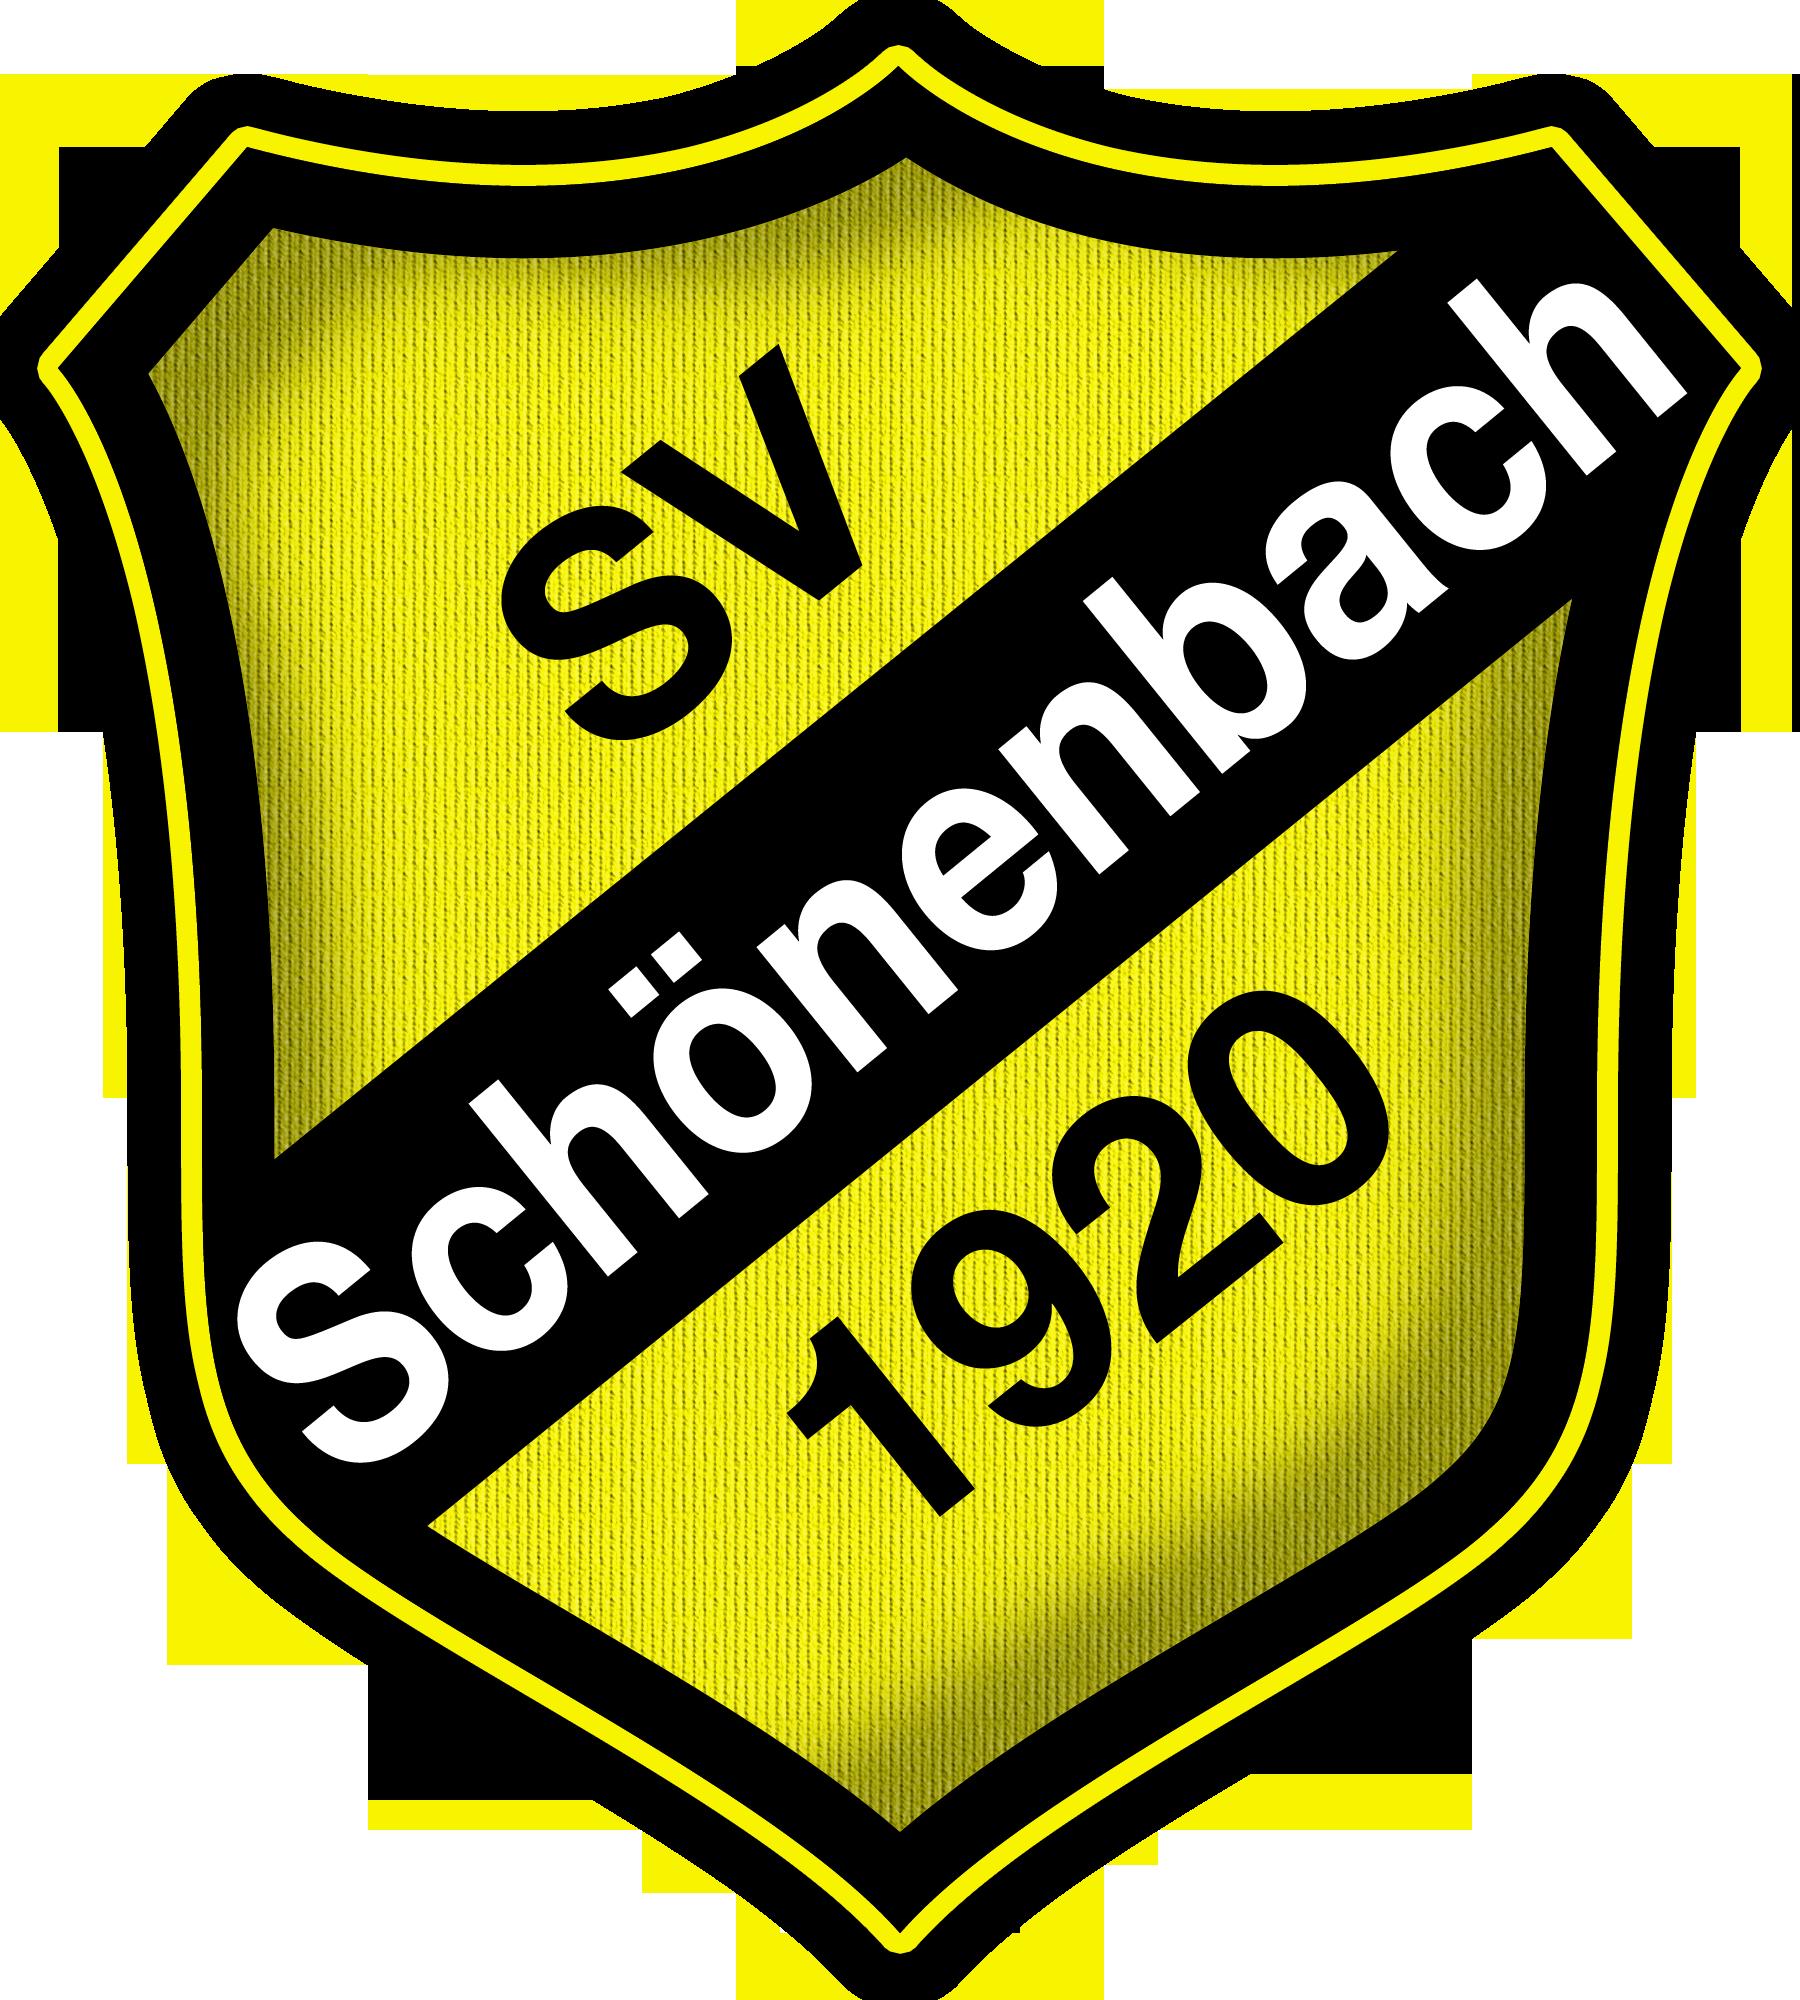 SV Schönenbach 1920 e.V.